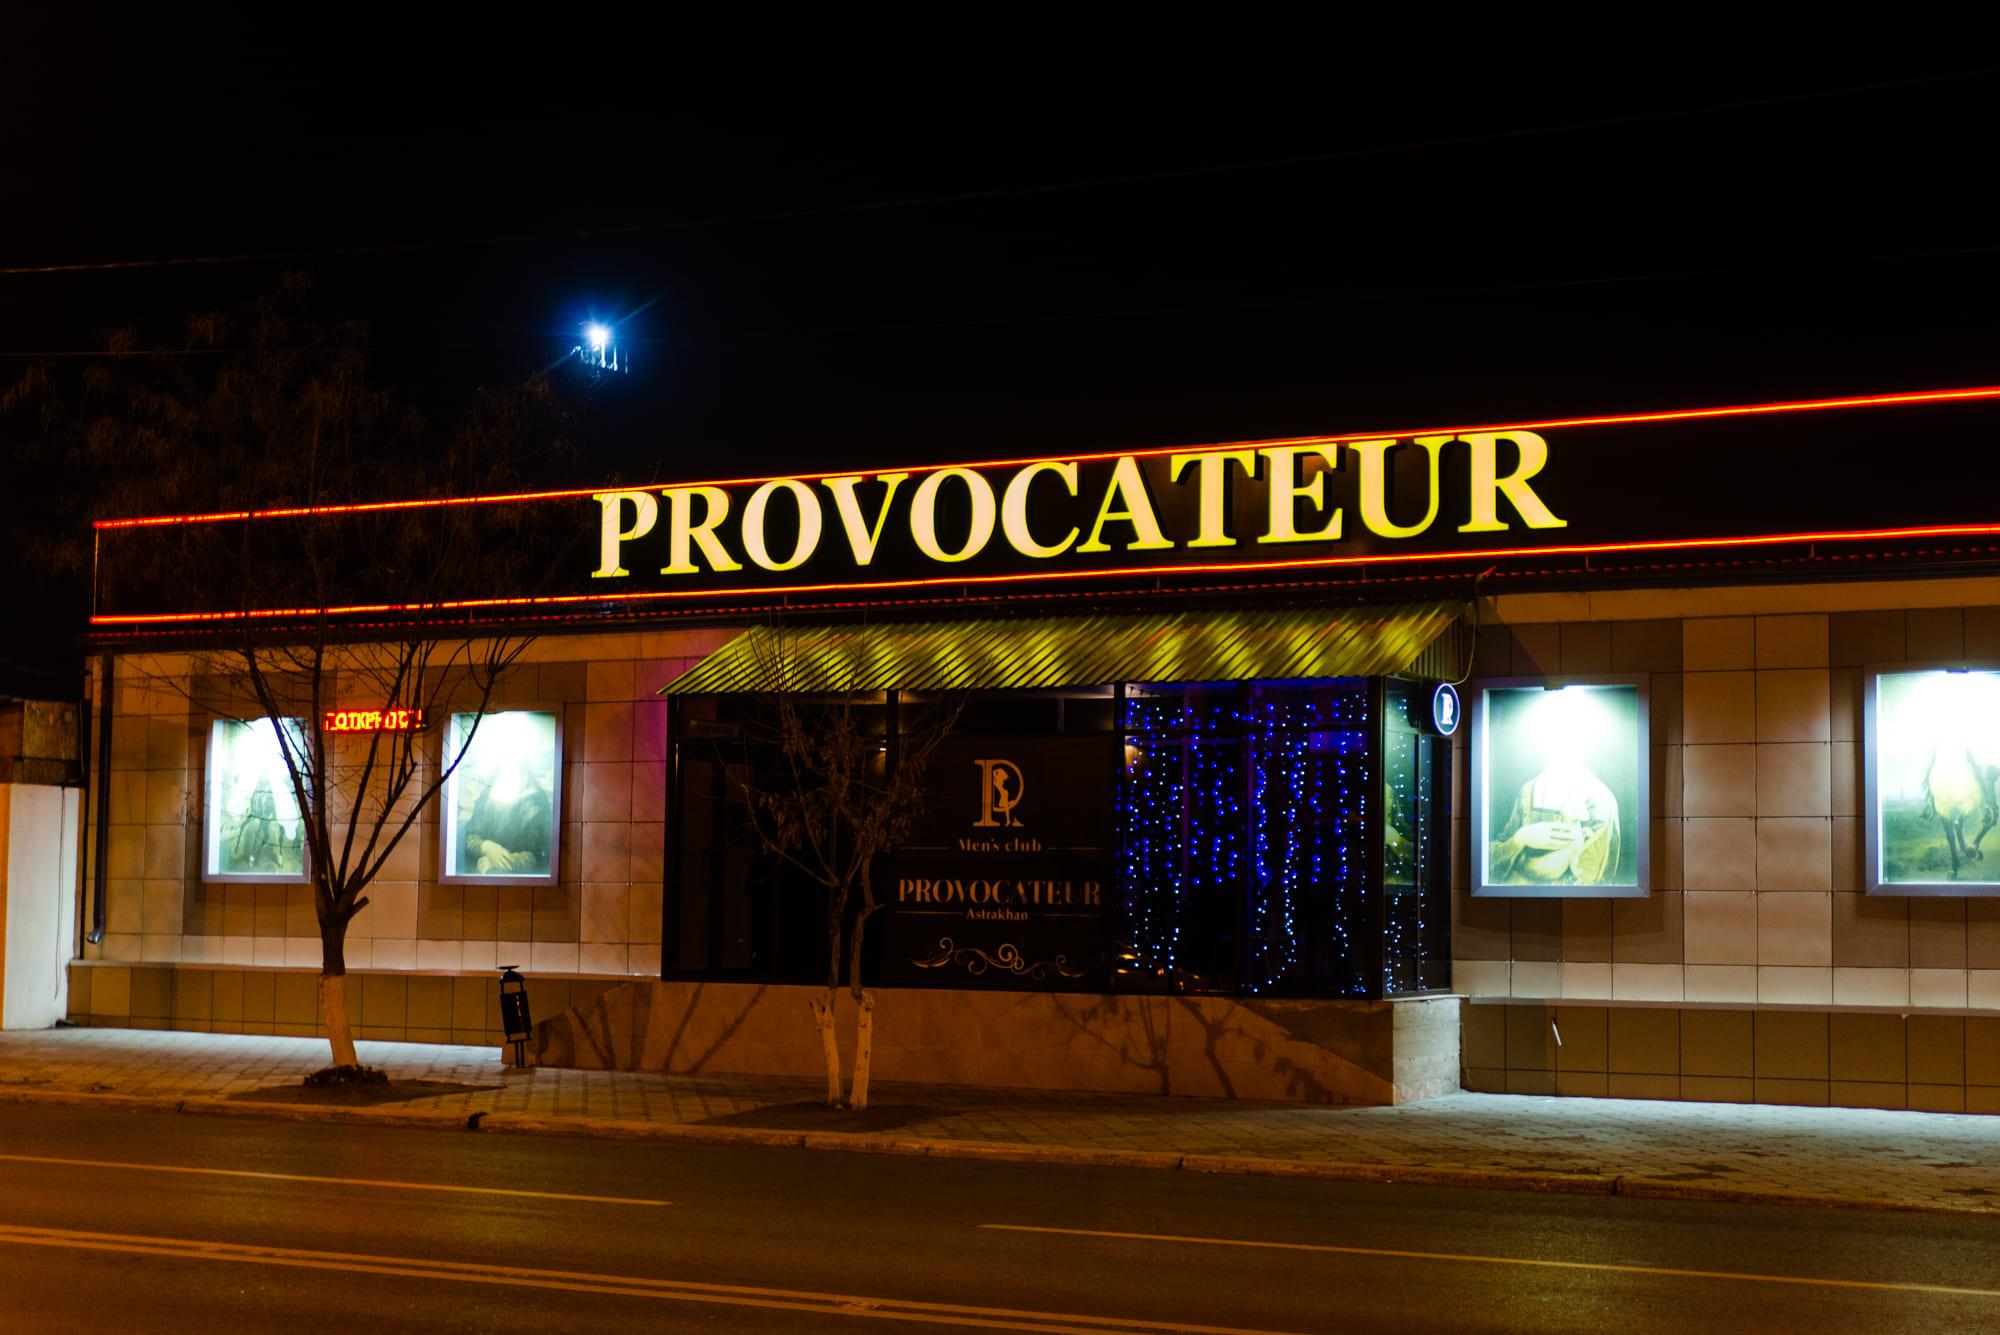 Объемные буквы с подсветкой PROVOCATEUR